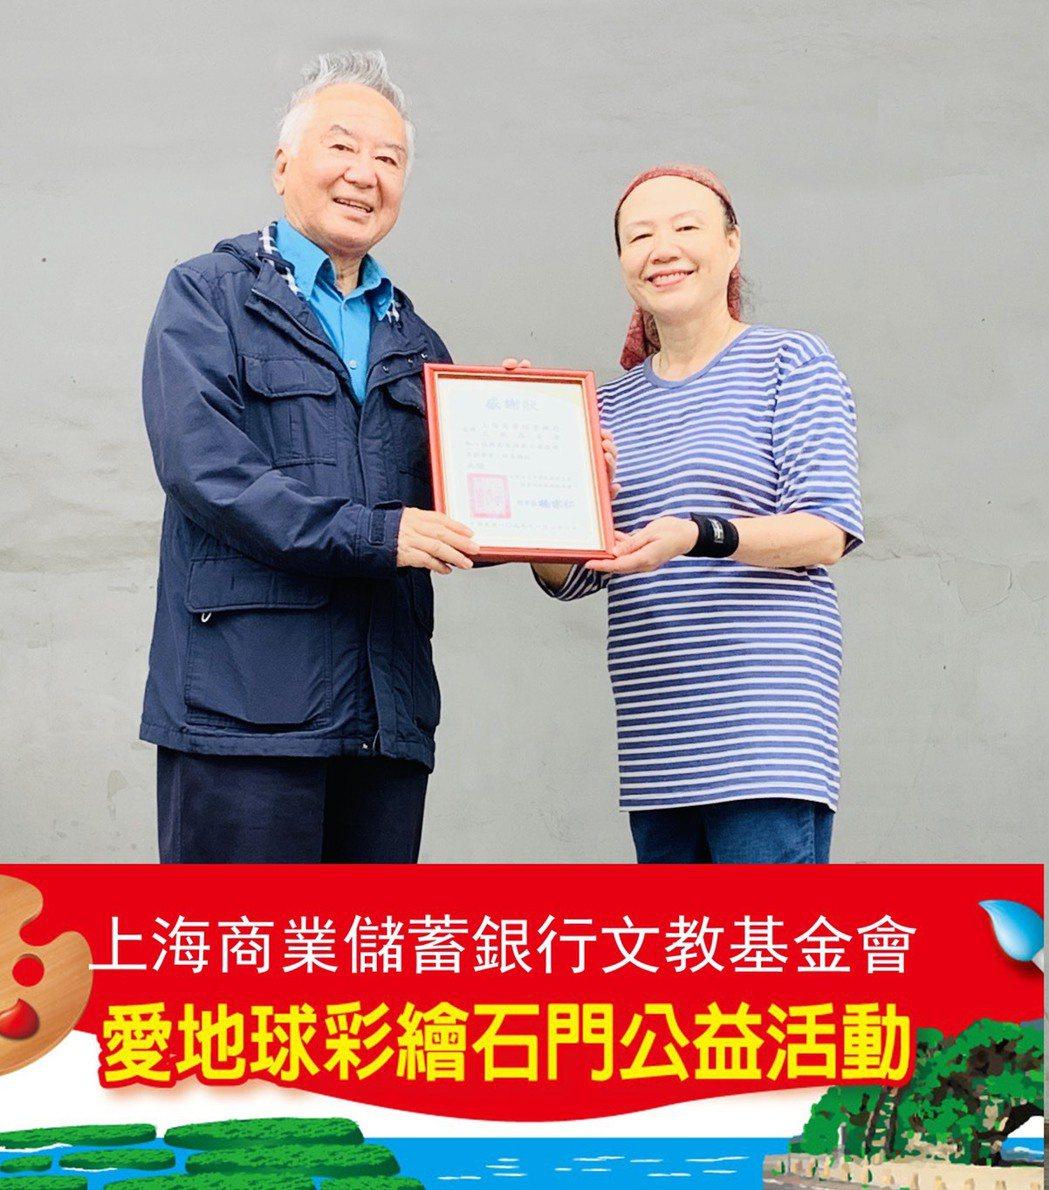 上海商銀文教基金會秘書長周慶雄(左)代表接受新生活促進會創辦人羅素如(右)頒發的...